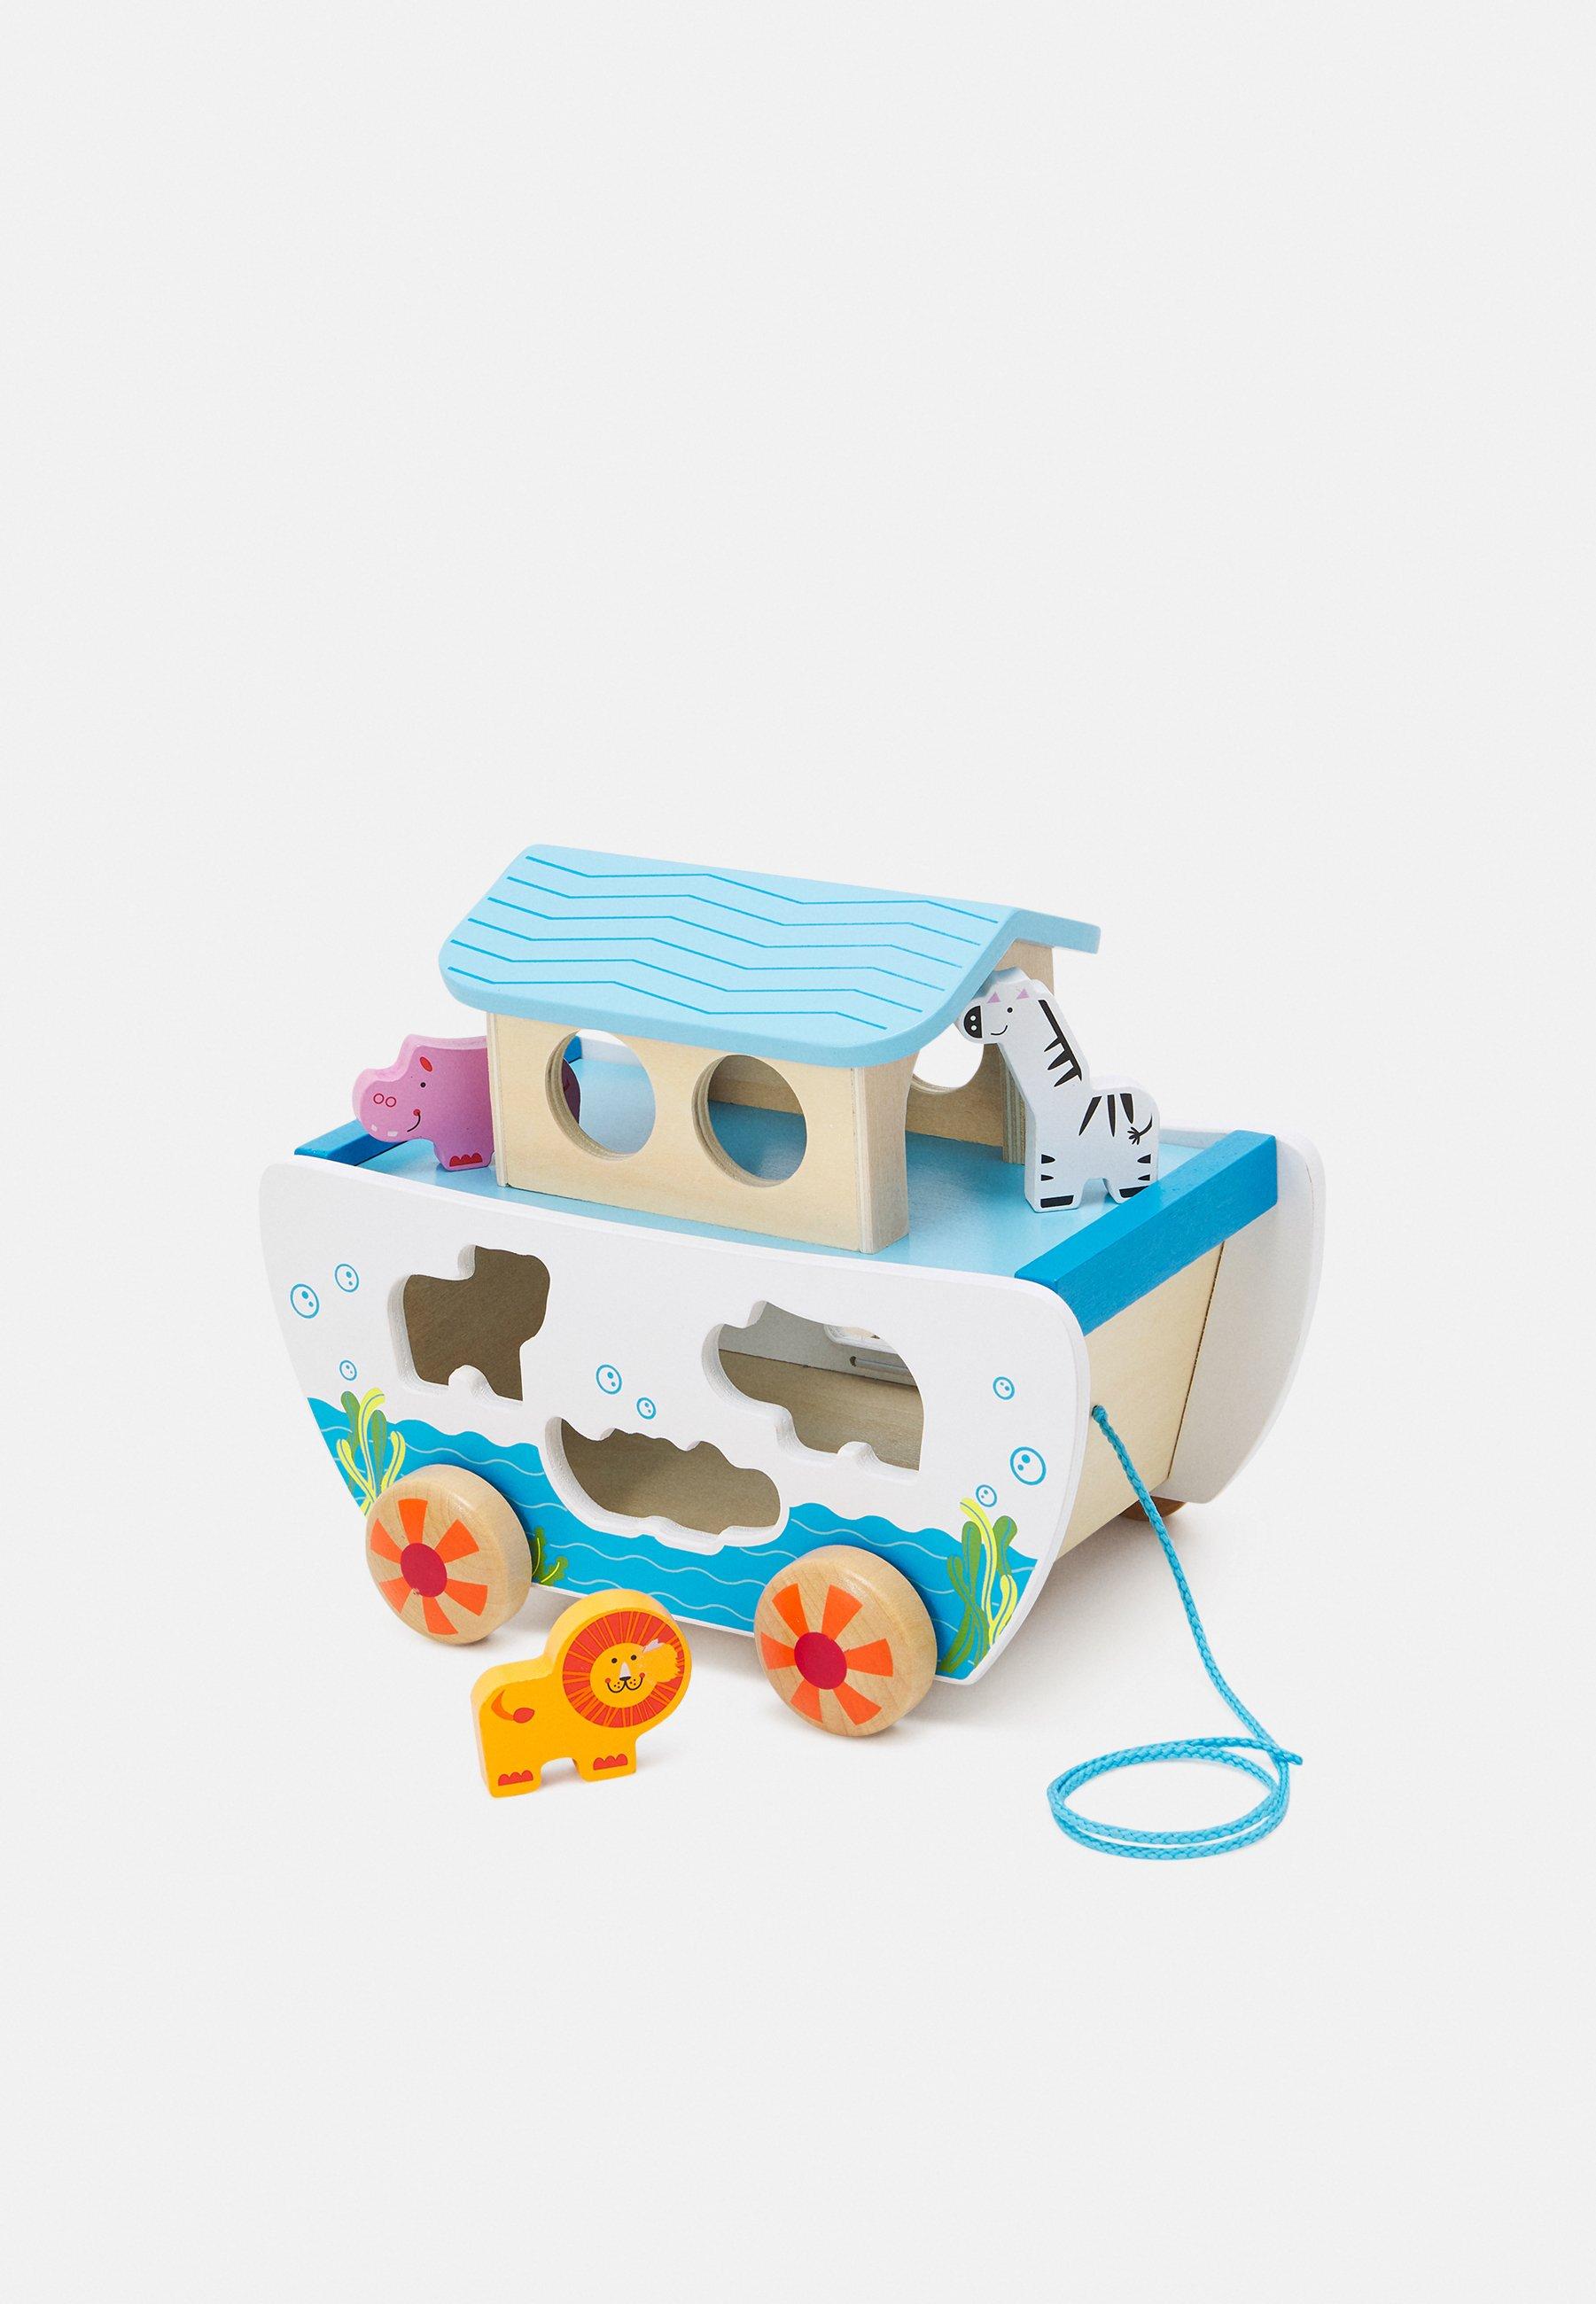 Kinder NACHZIEH ARCHE UNISEX - Holzspielzeug